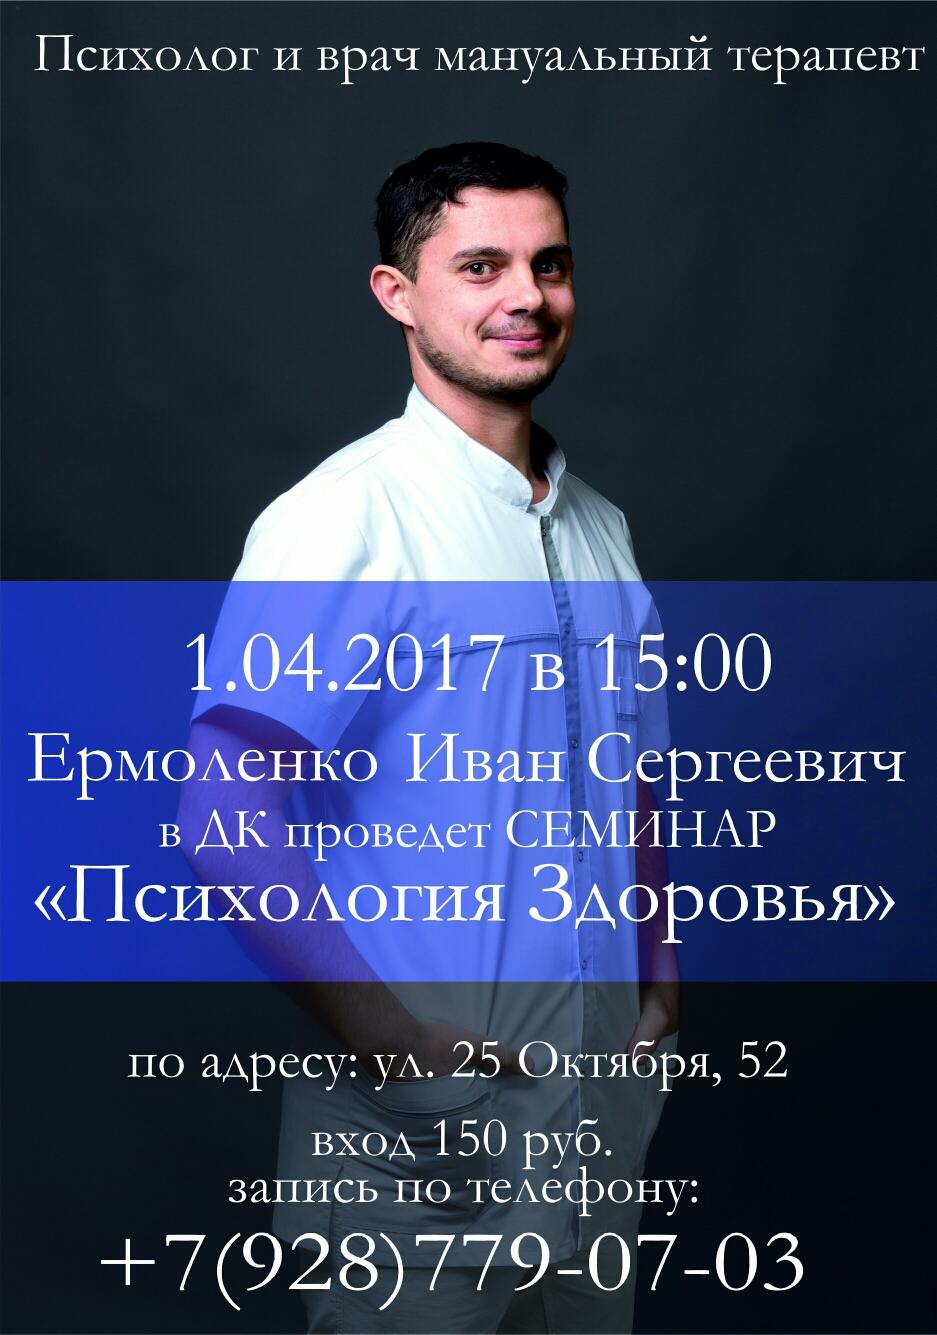 Врач Иван Ермоленко приглашает на семинар в РДК